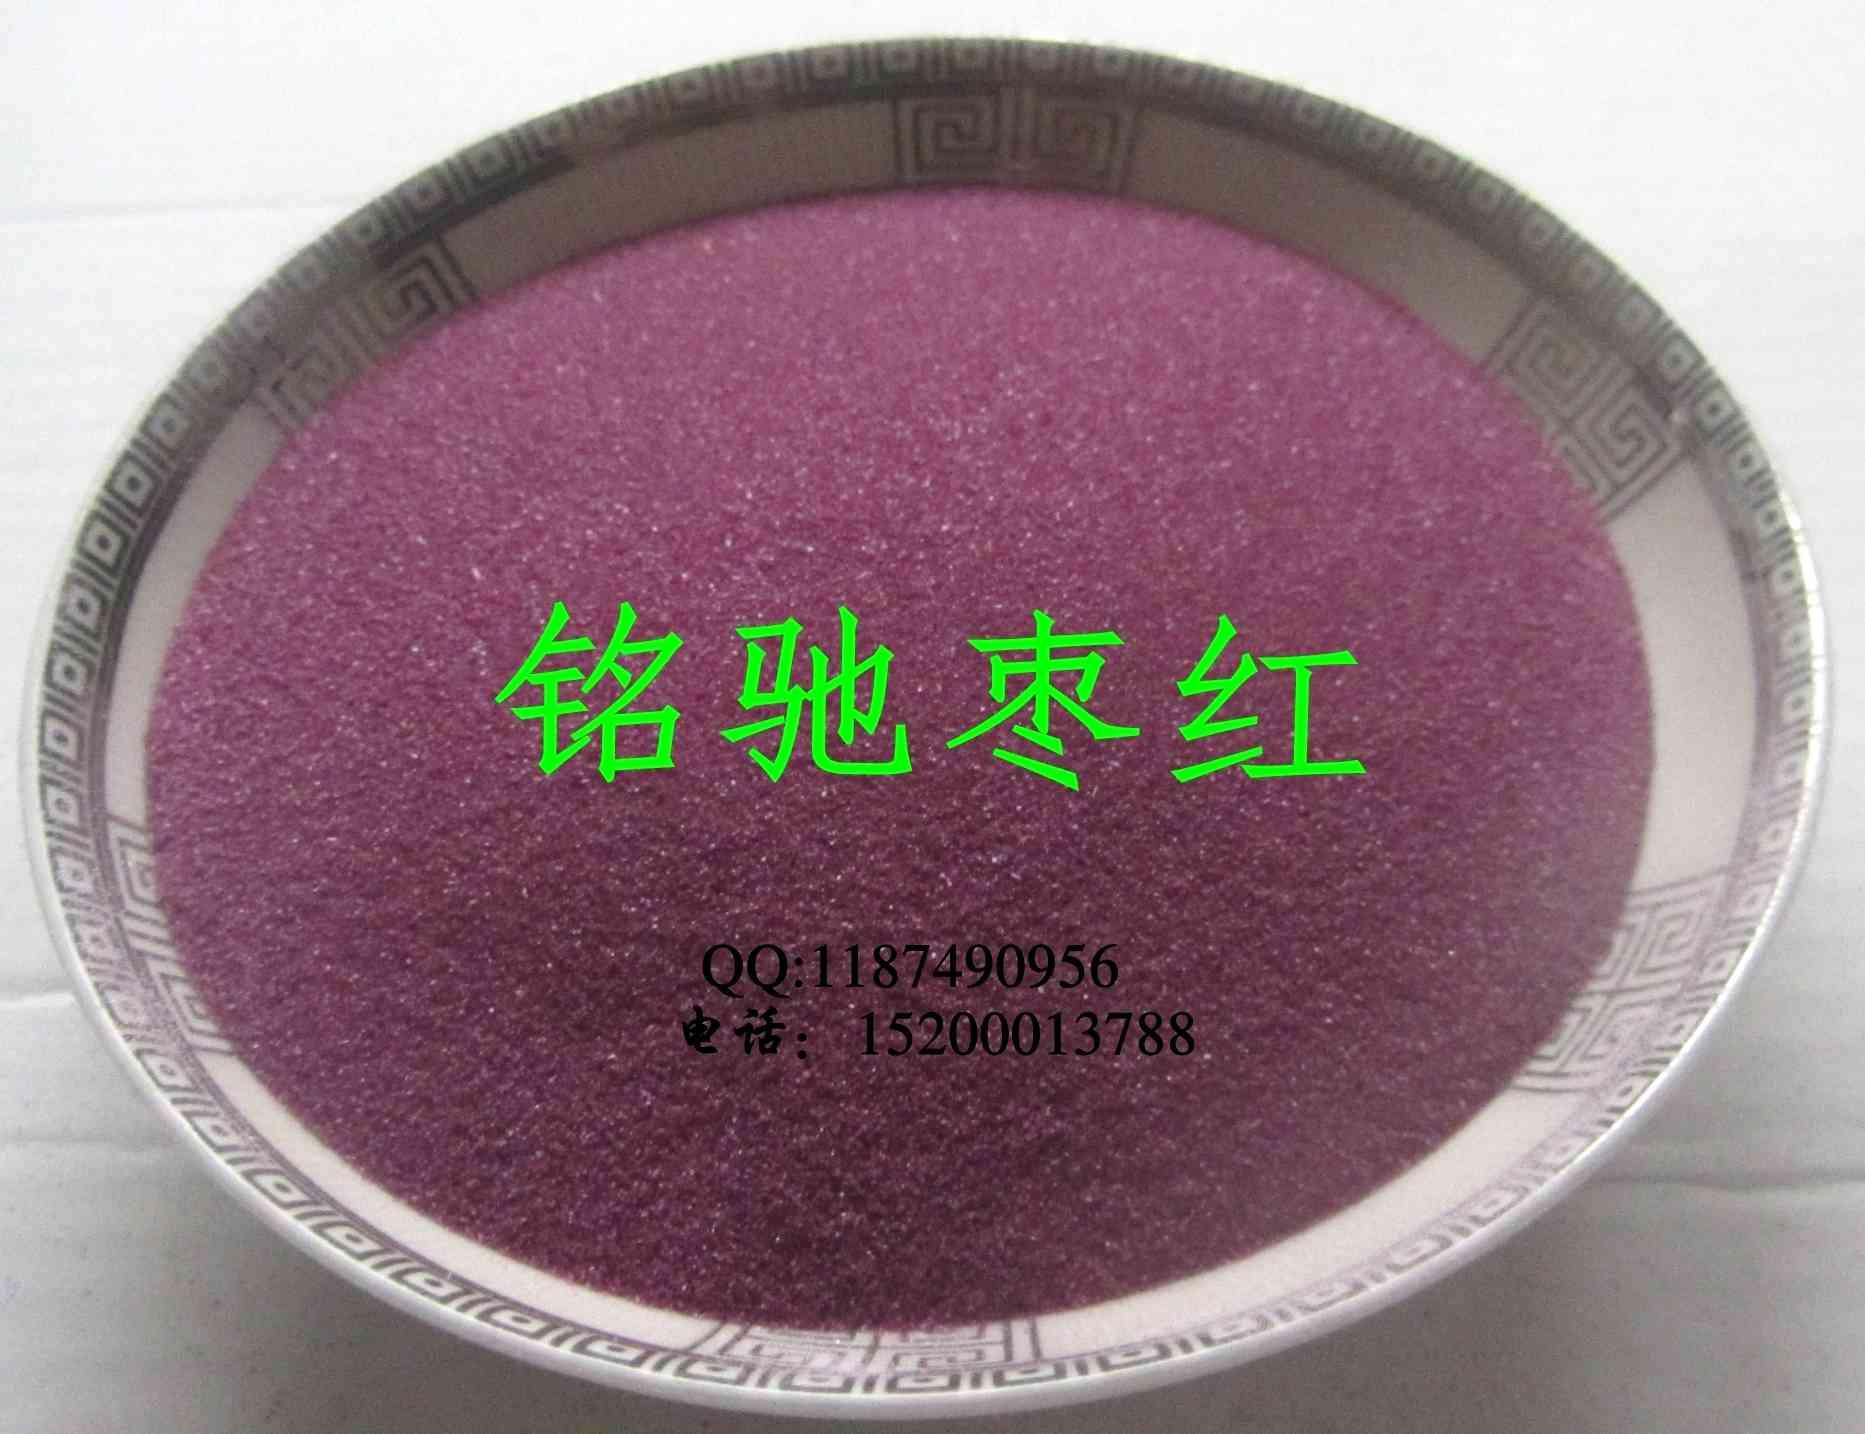 丽水烧结染色彩砂、台州烧结染色彩砂、嘉兴染色彩砂、宁波染色彩砂